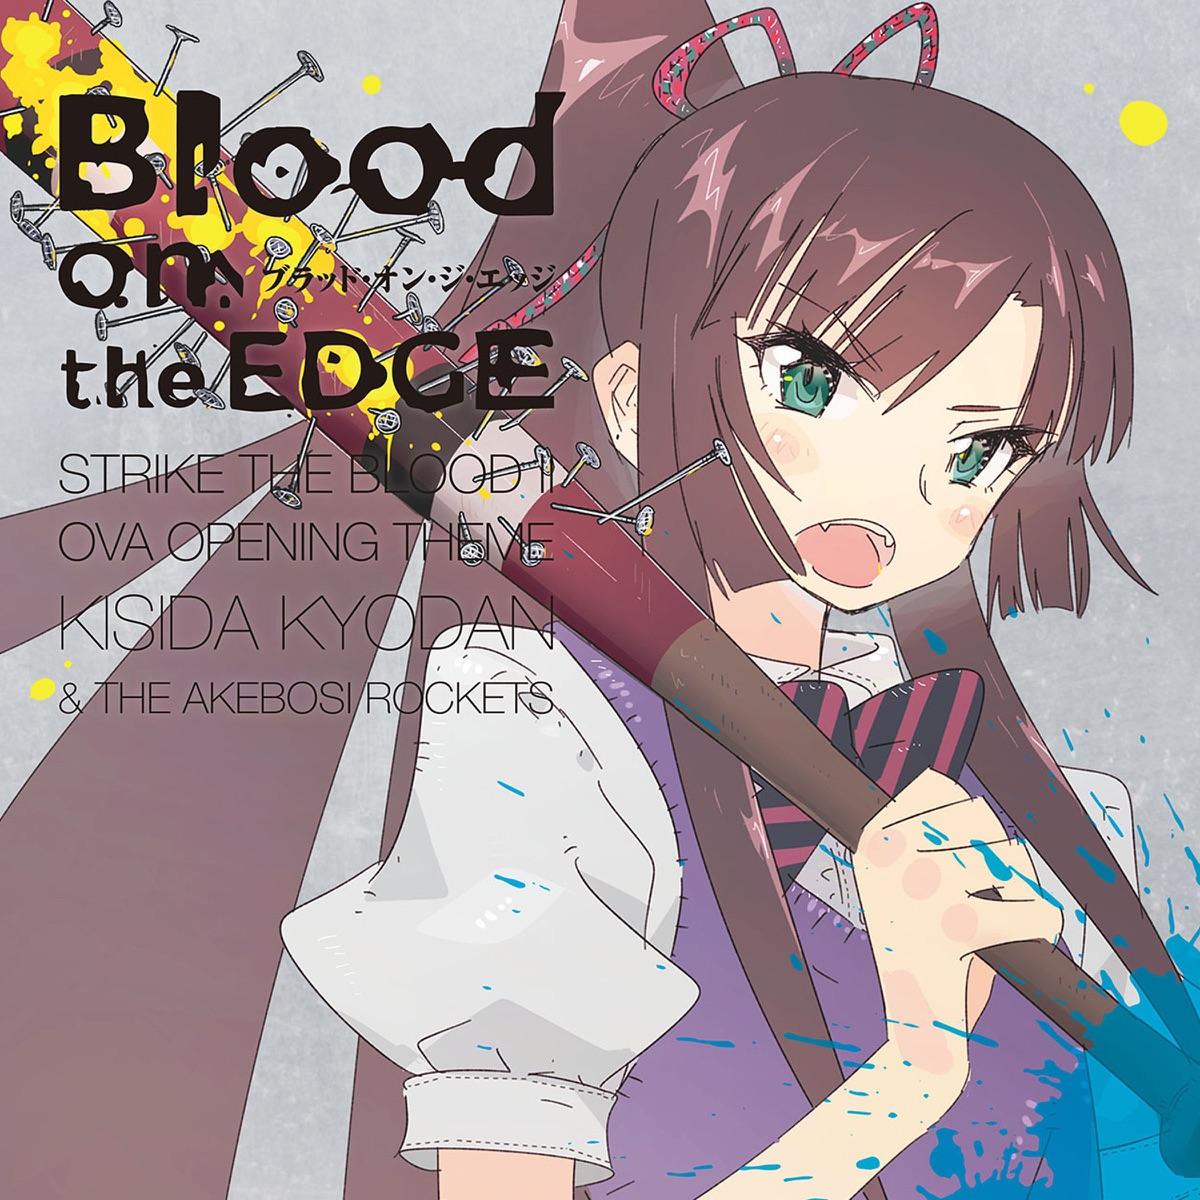 『岸田教団&THE明星ロケッツ - Blood on the EDGE』収録の『Blood on the EDGE』ジャケット